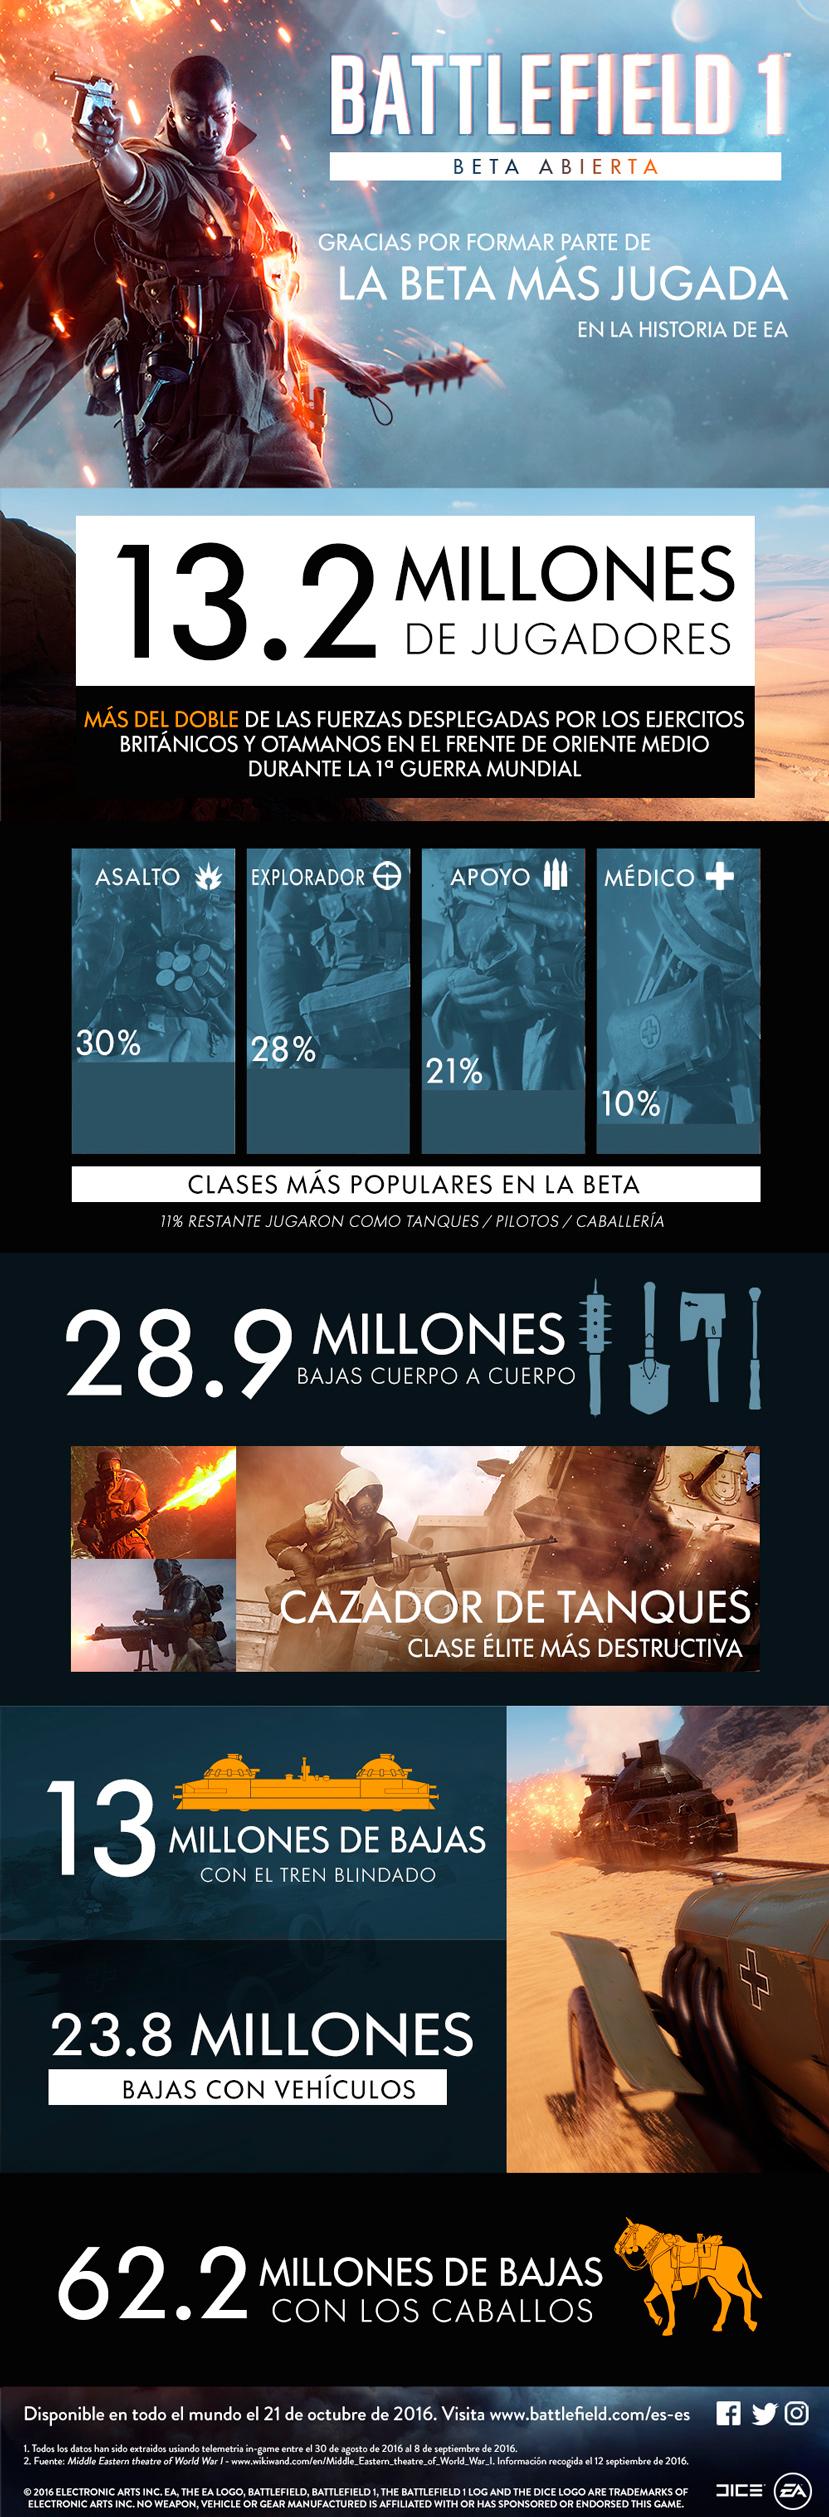 EA bate record de jugadores con la beta del Battlefield 1, Imagen 1